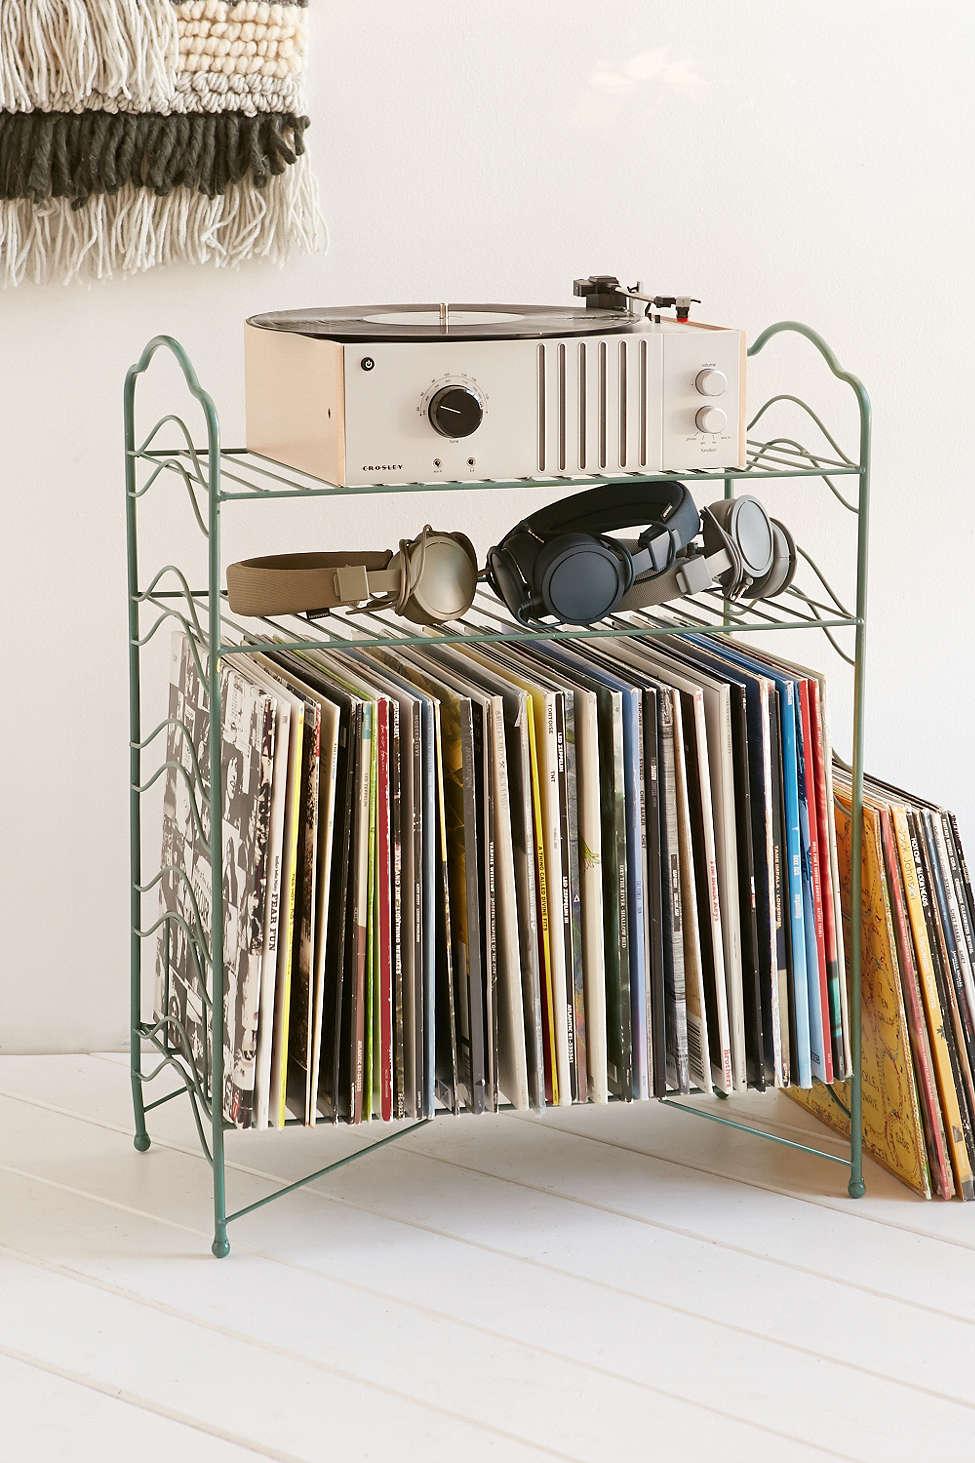 vinyl-record-storage-shelf.jpg